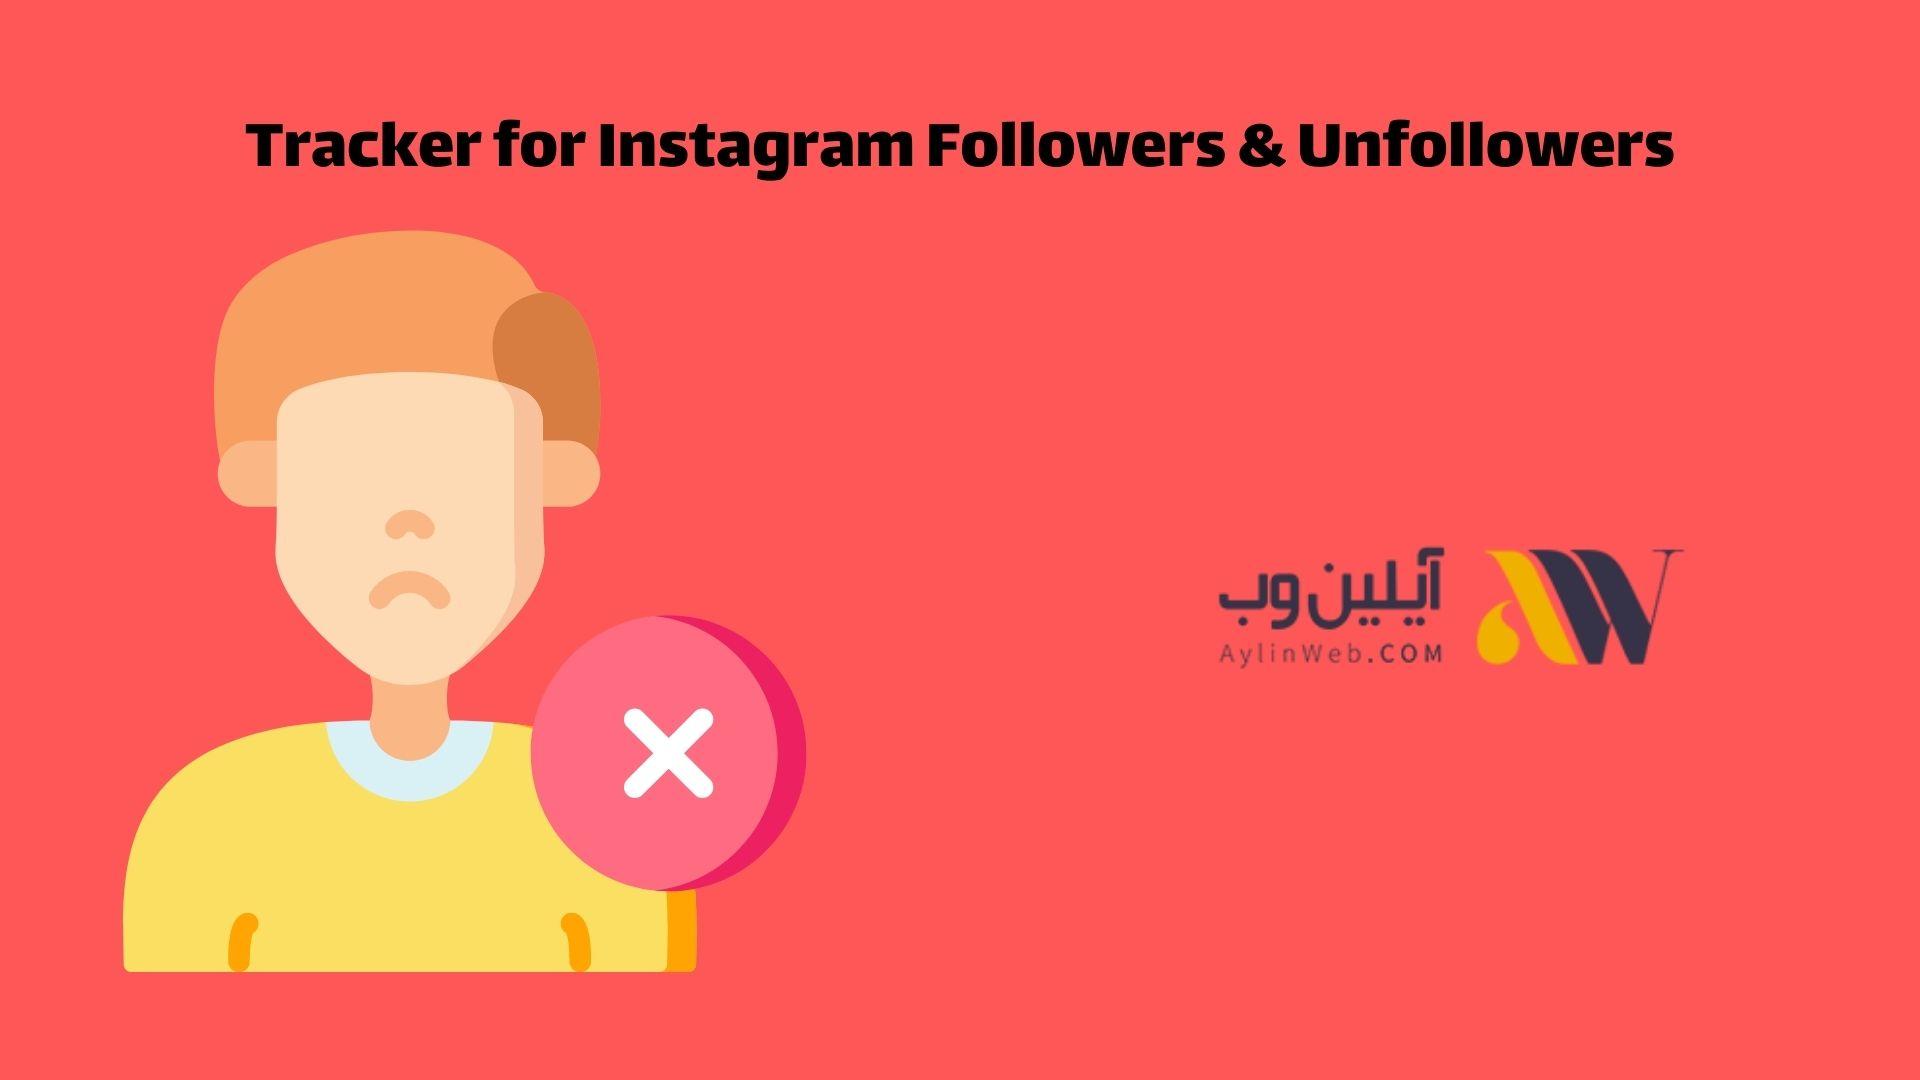 Tracker for Instagram Followers & Unfollowers